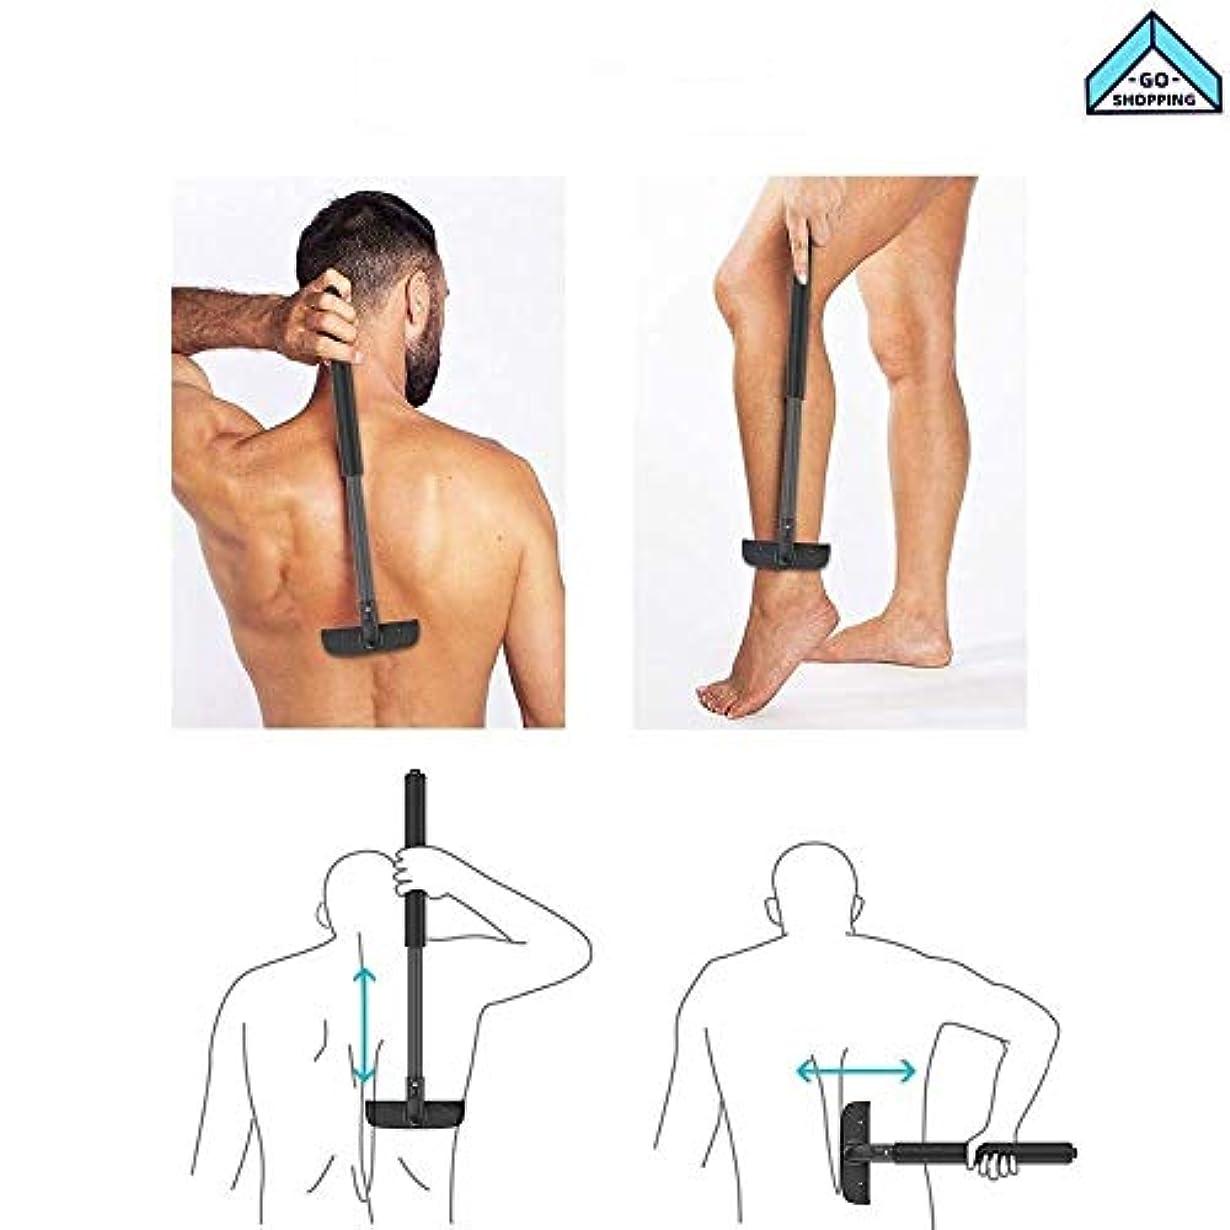 参加者欠伸軍NICEE拡張可能なハンドルの痛みのないひげを剃った男性のための背中の脱毛使いやすい乾湿両方の背中の脱毛剤